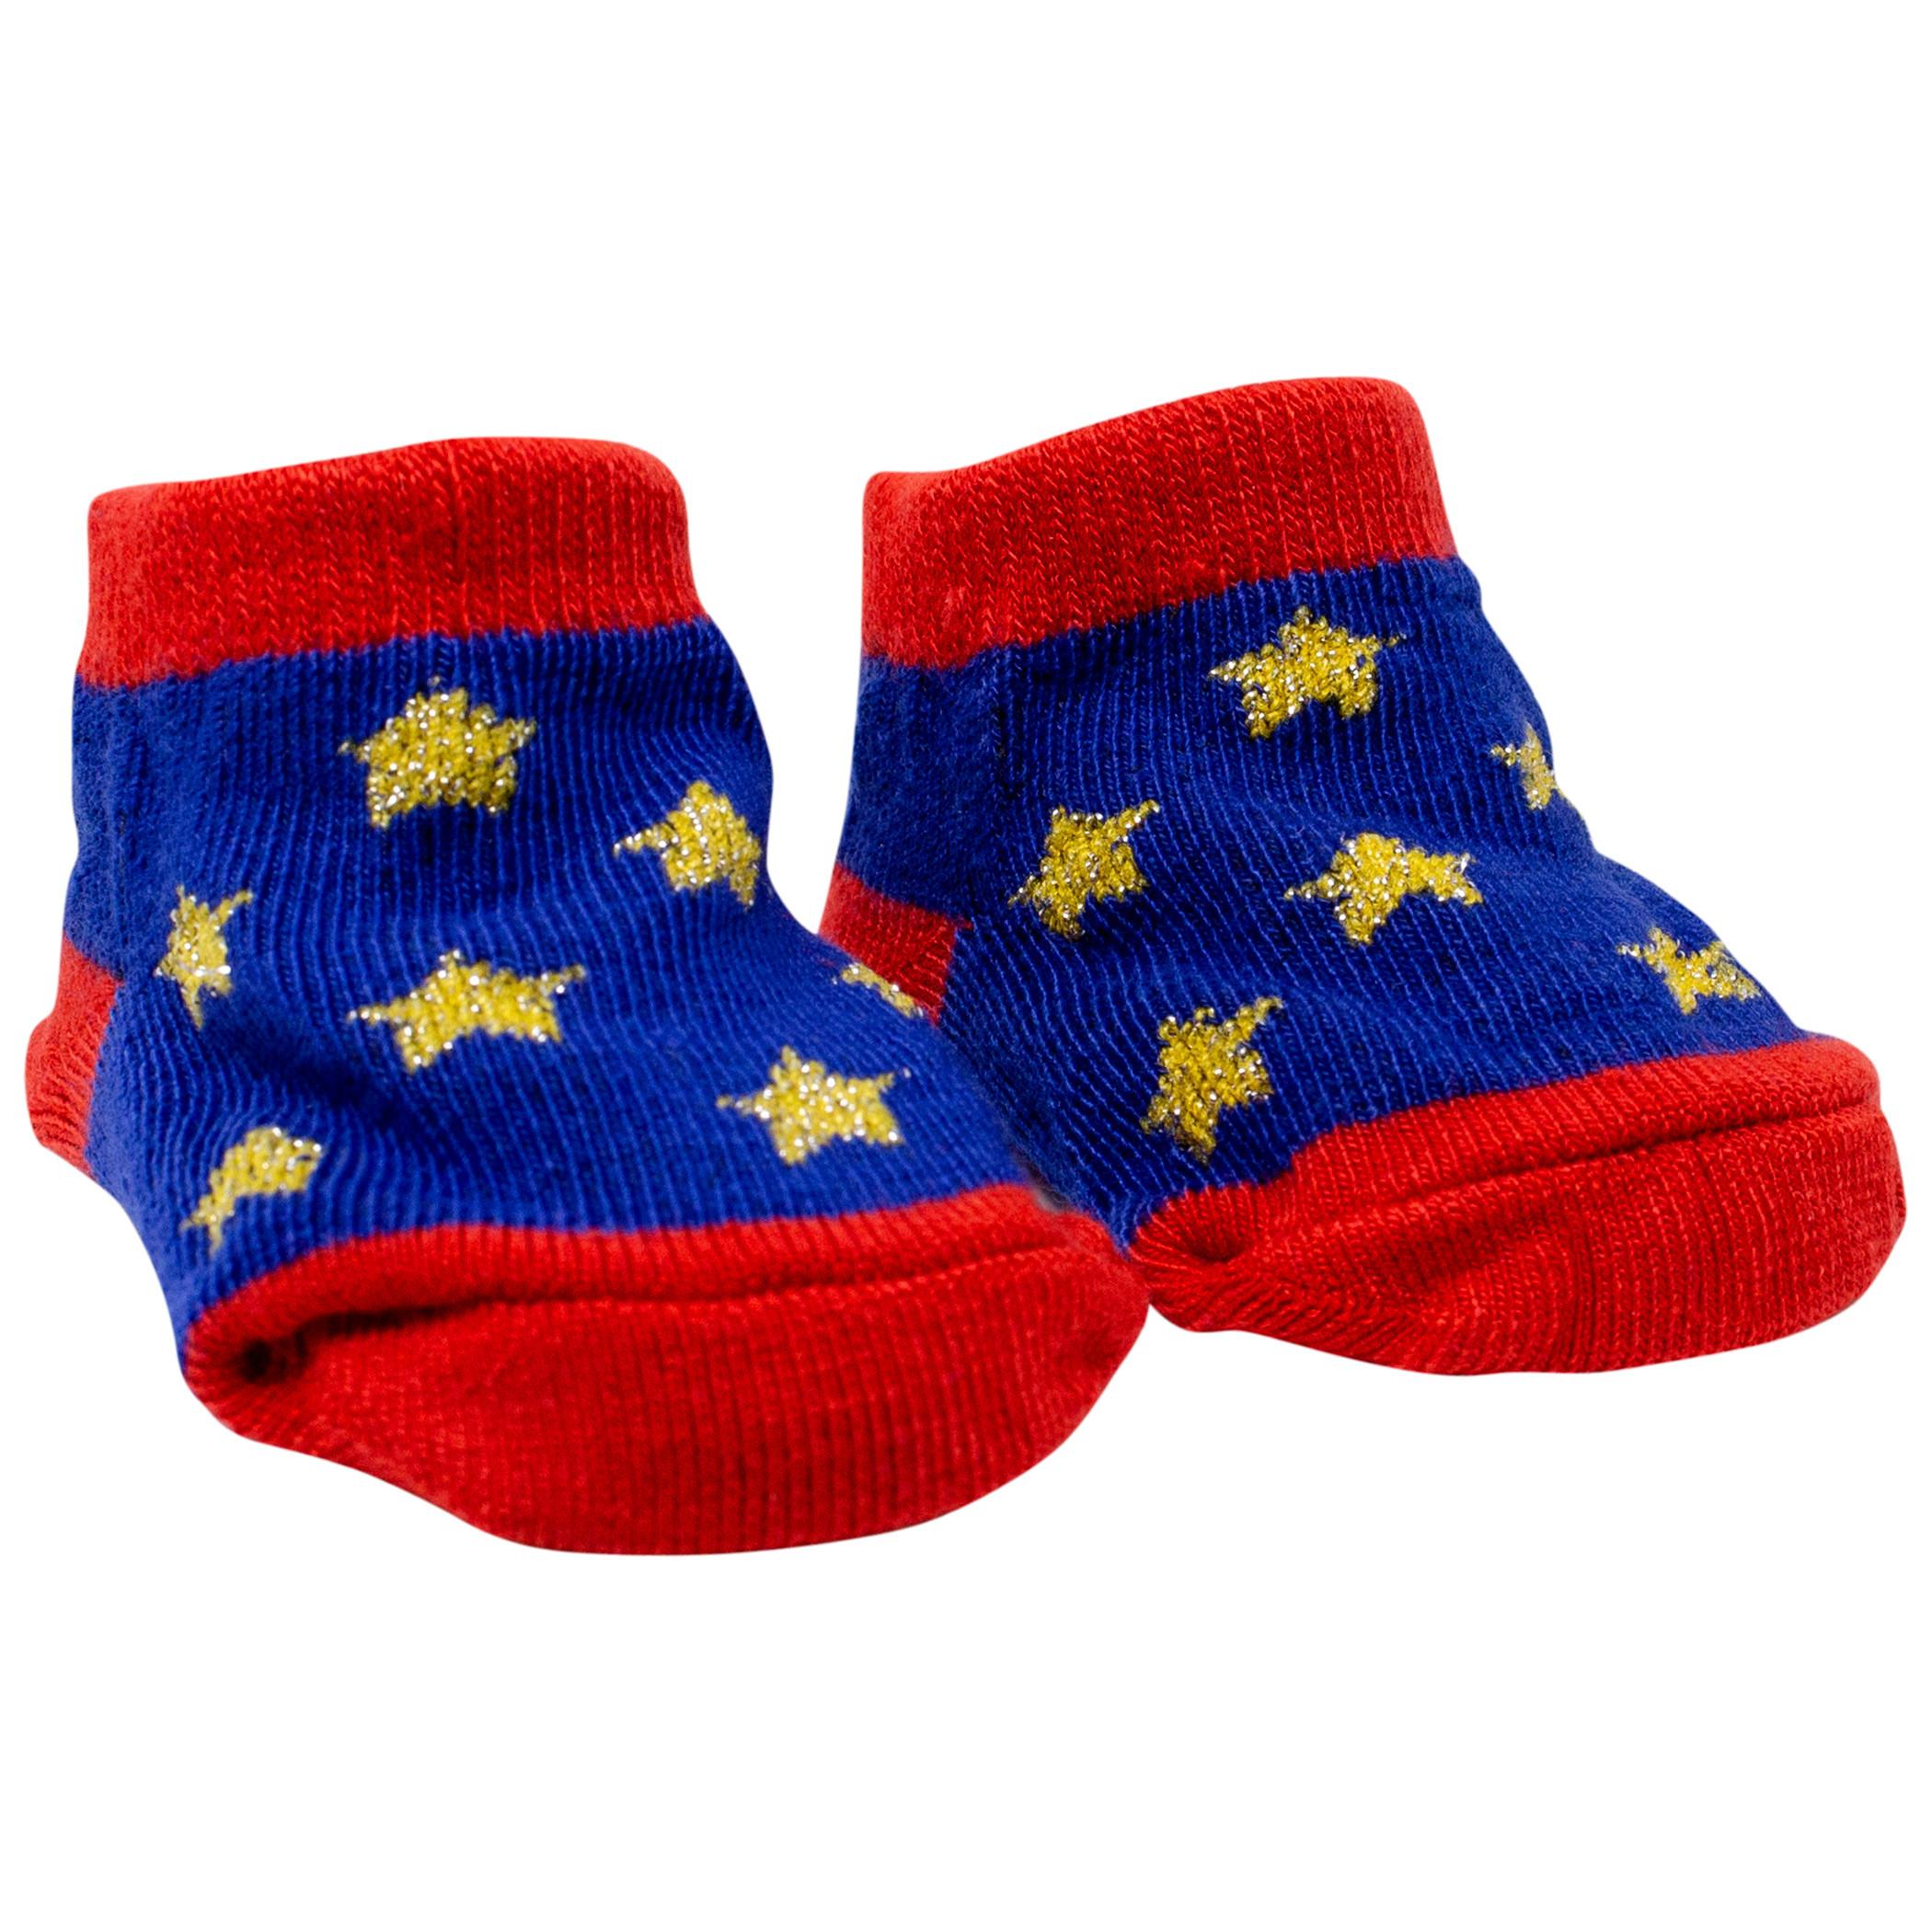 Wonder Woman 3-Pack Baby Socks